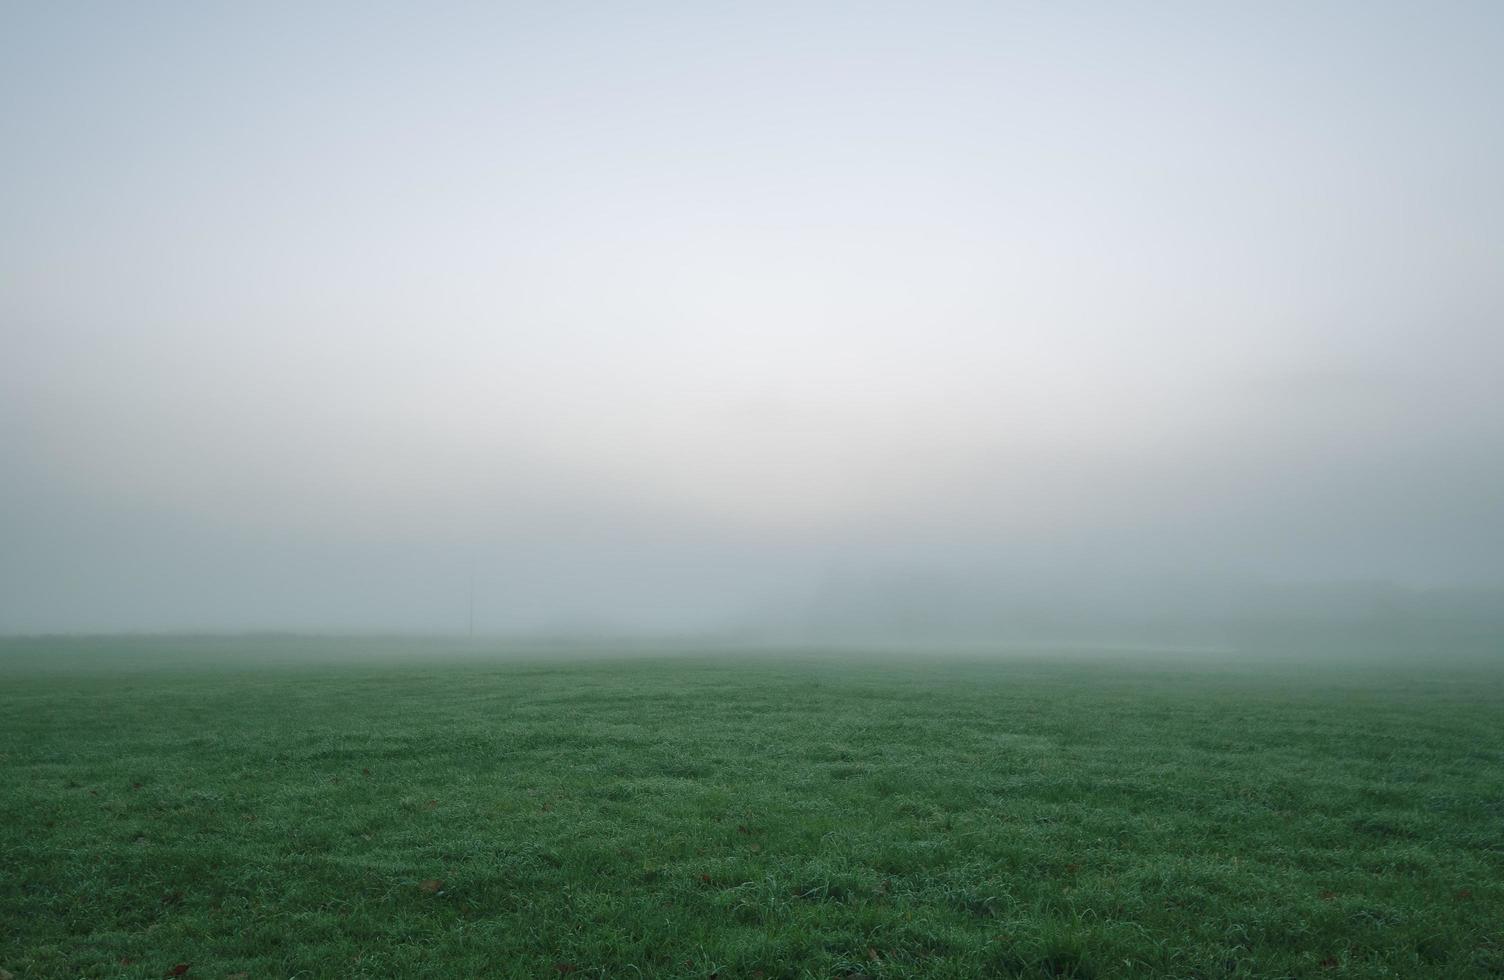 champ herbeux vert brumeux photo